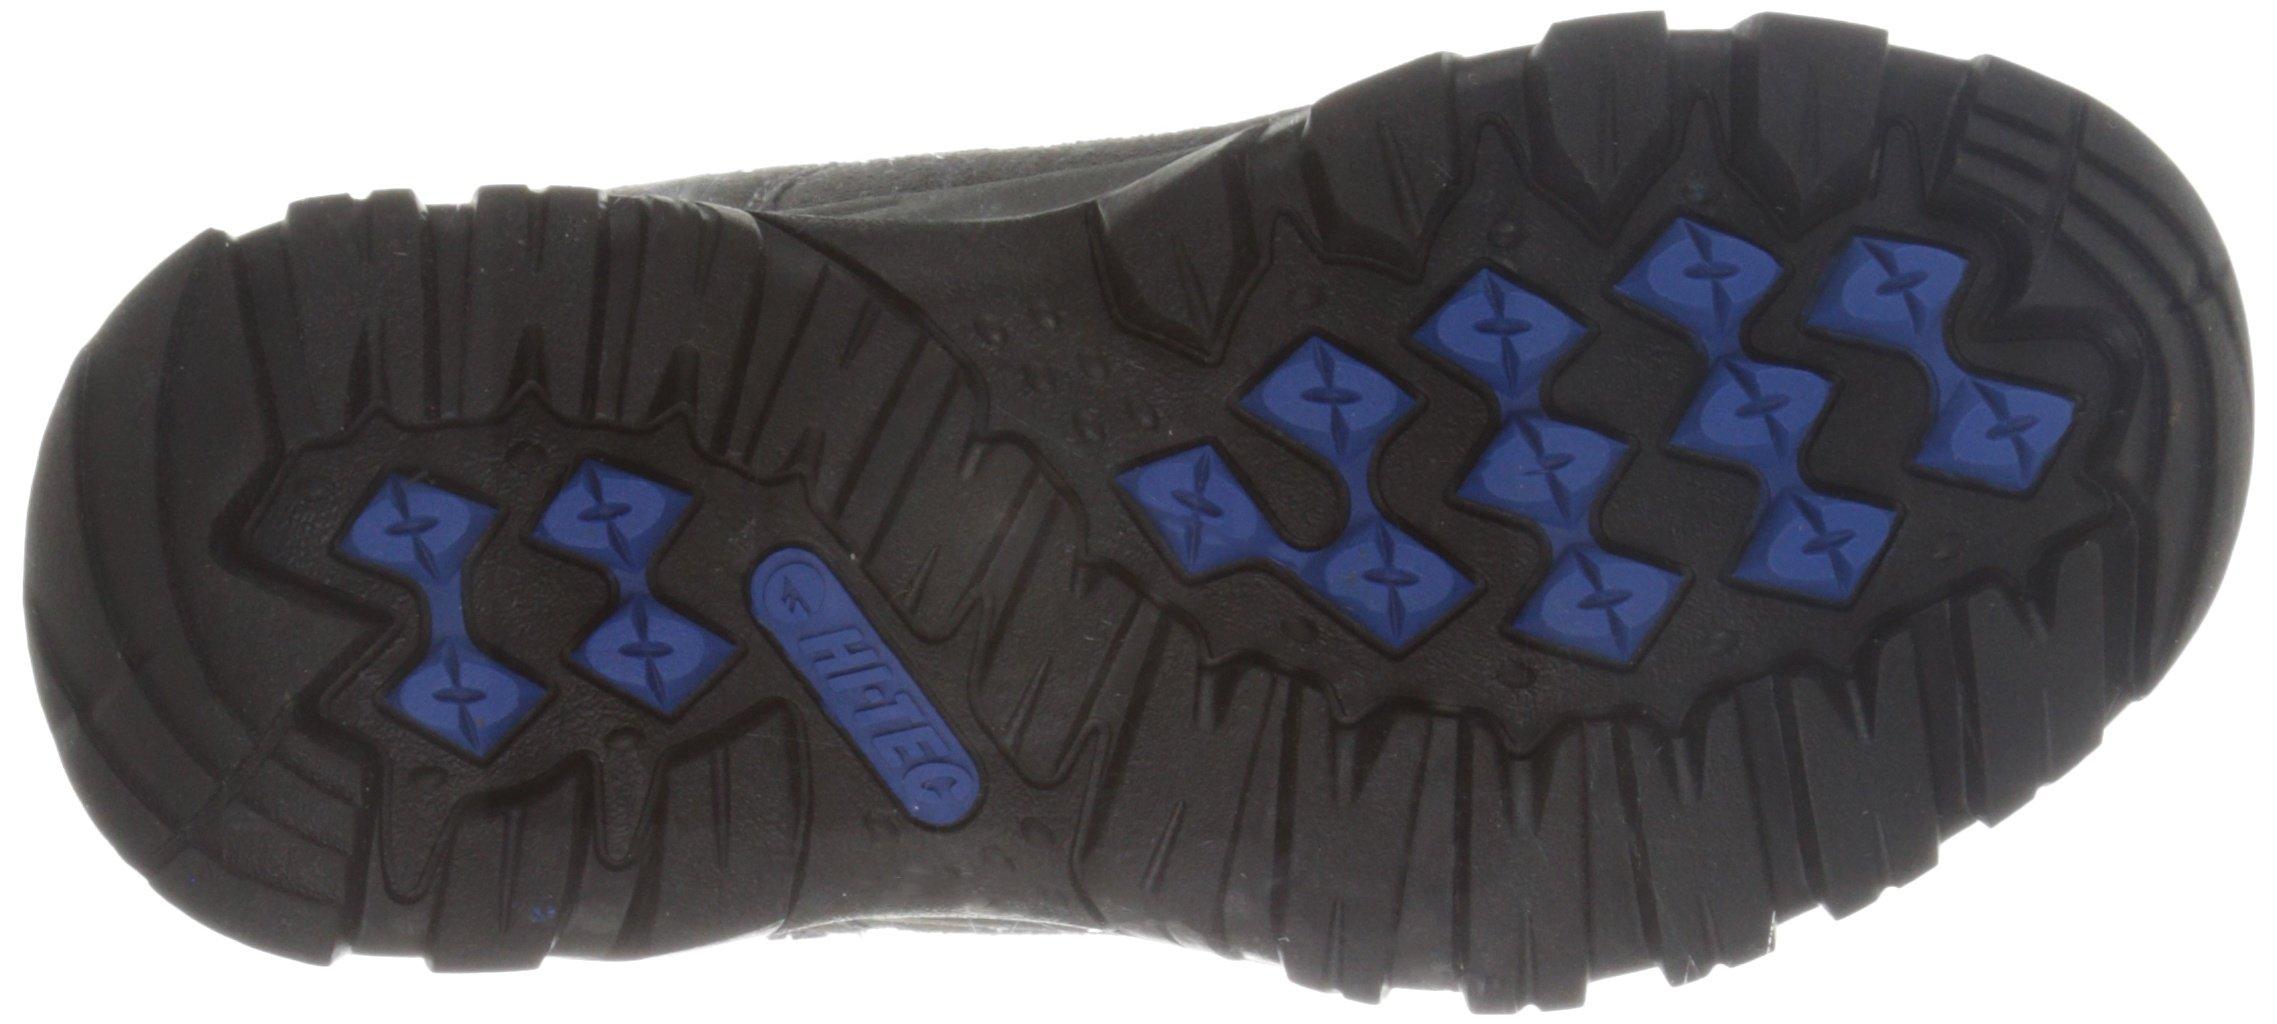 Hi-Tec Hillside Low WP Jr - K, Charcoal/Blue/Black, 6 M US Big Kid by Hi-Tec (Image #3)